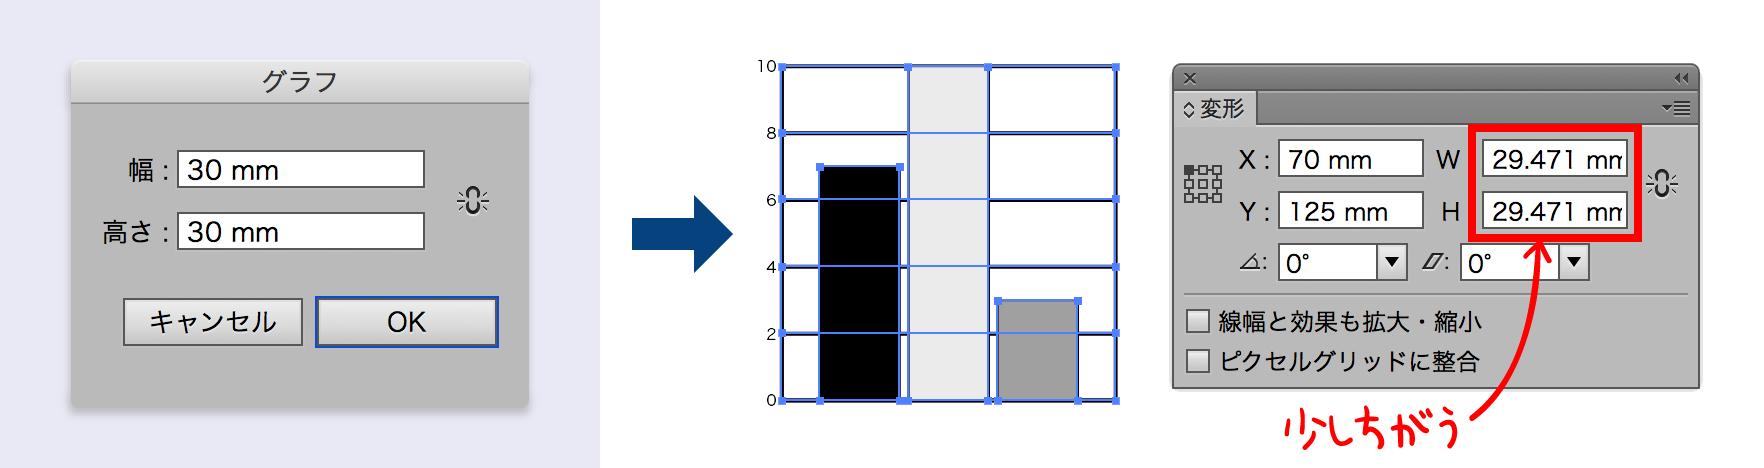 棒グラフを普通にサイズ指定して,少し小さめになっている図版